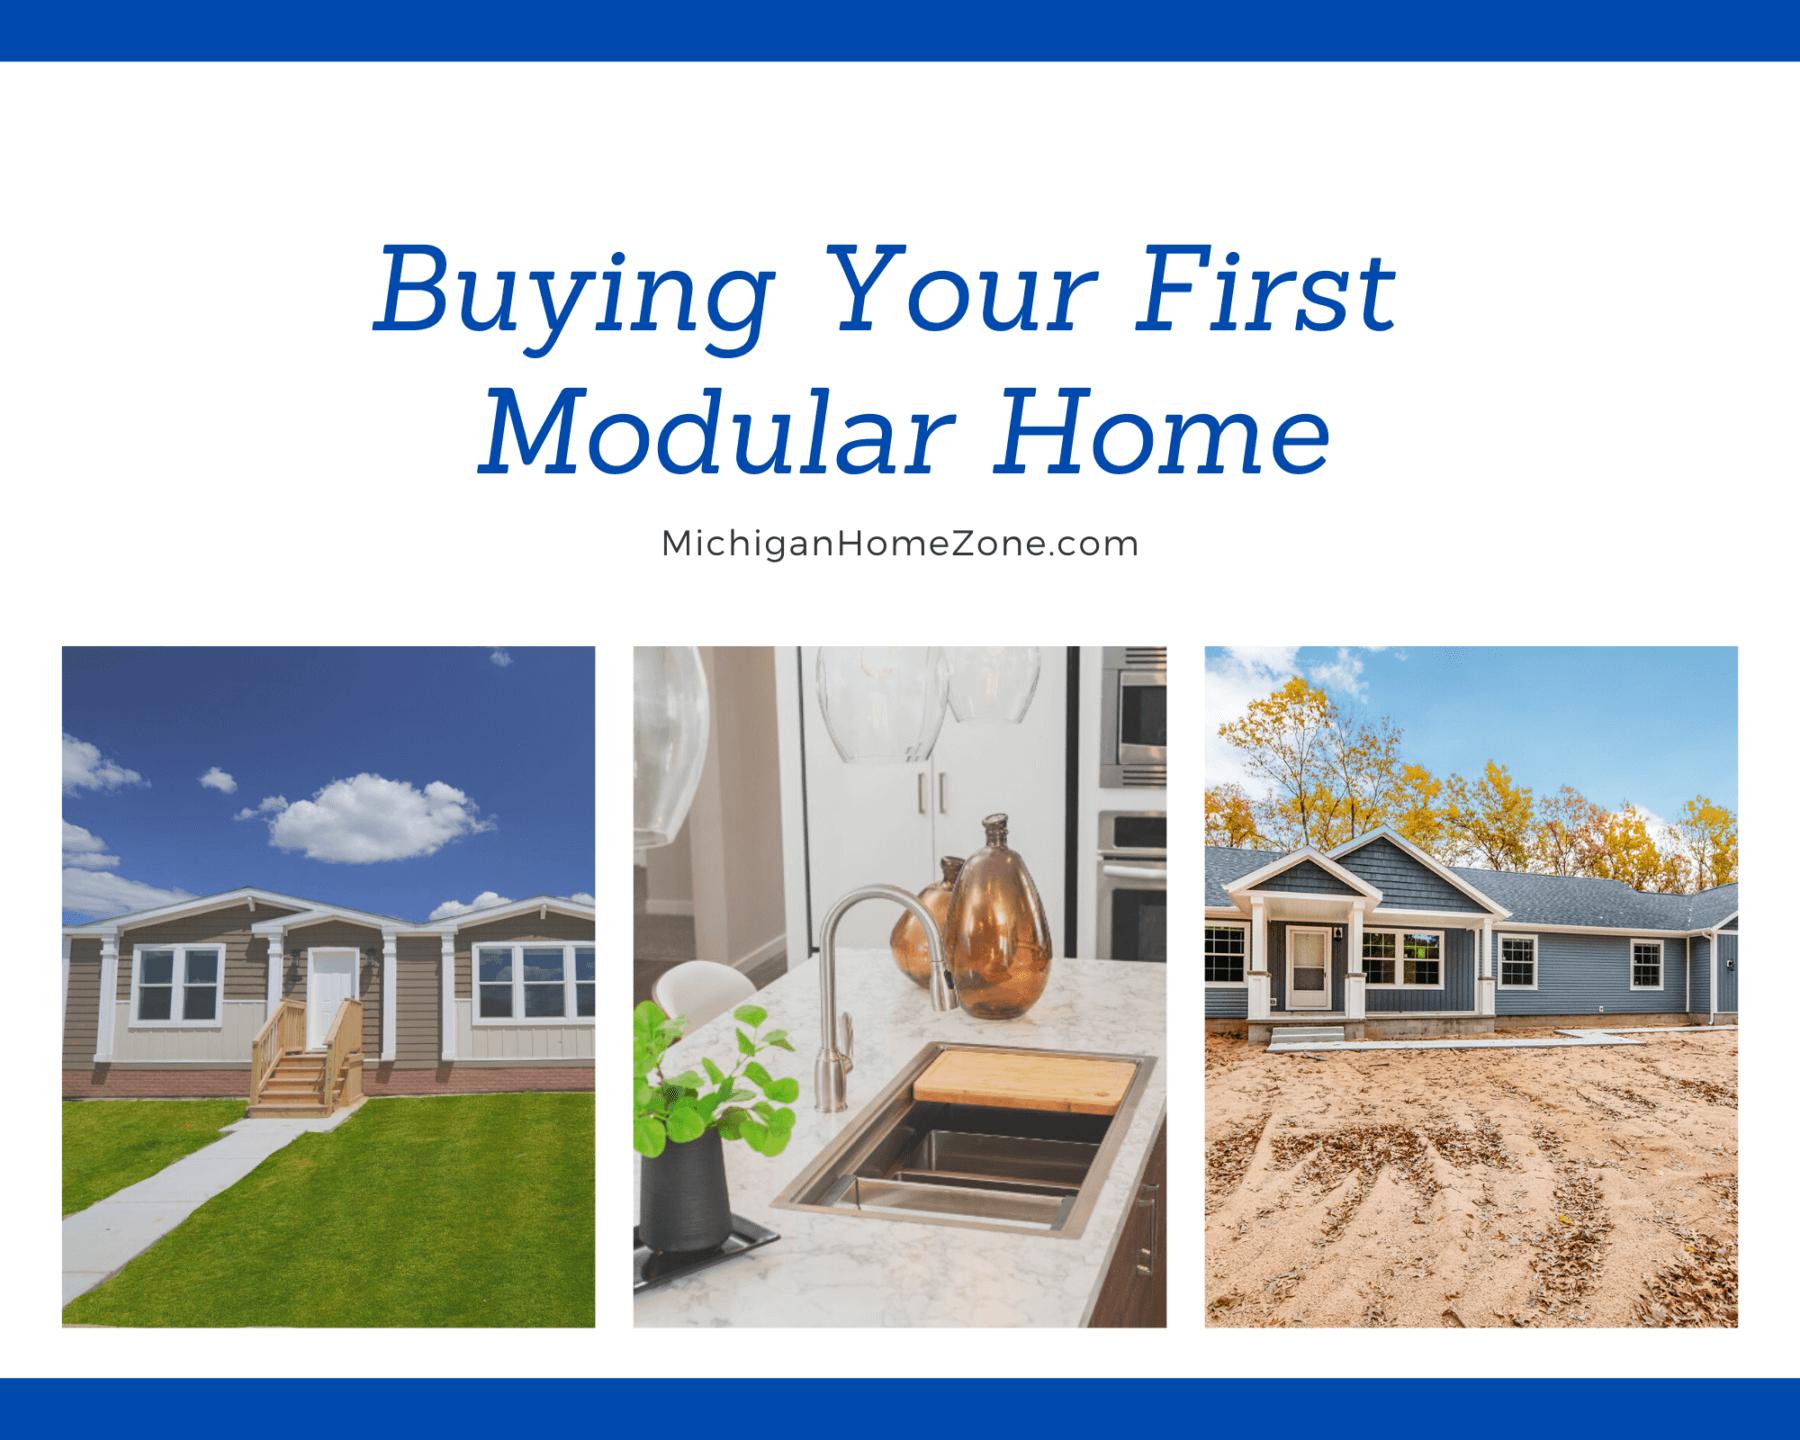 Michigan Home Zone Buying a Modular Home